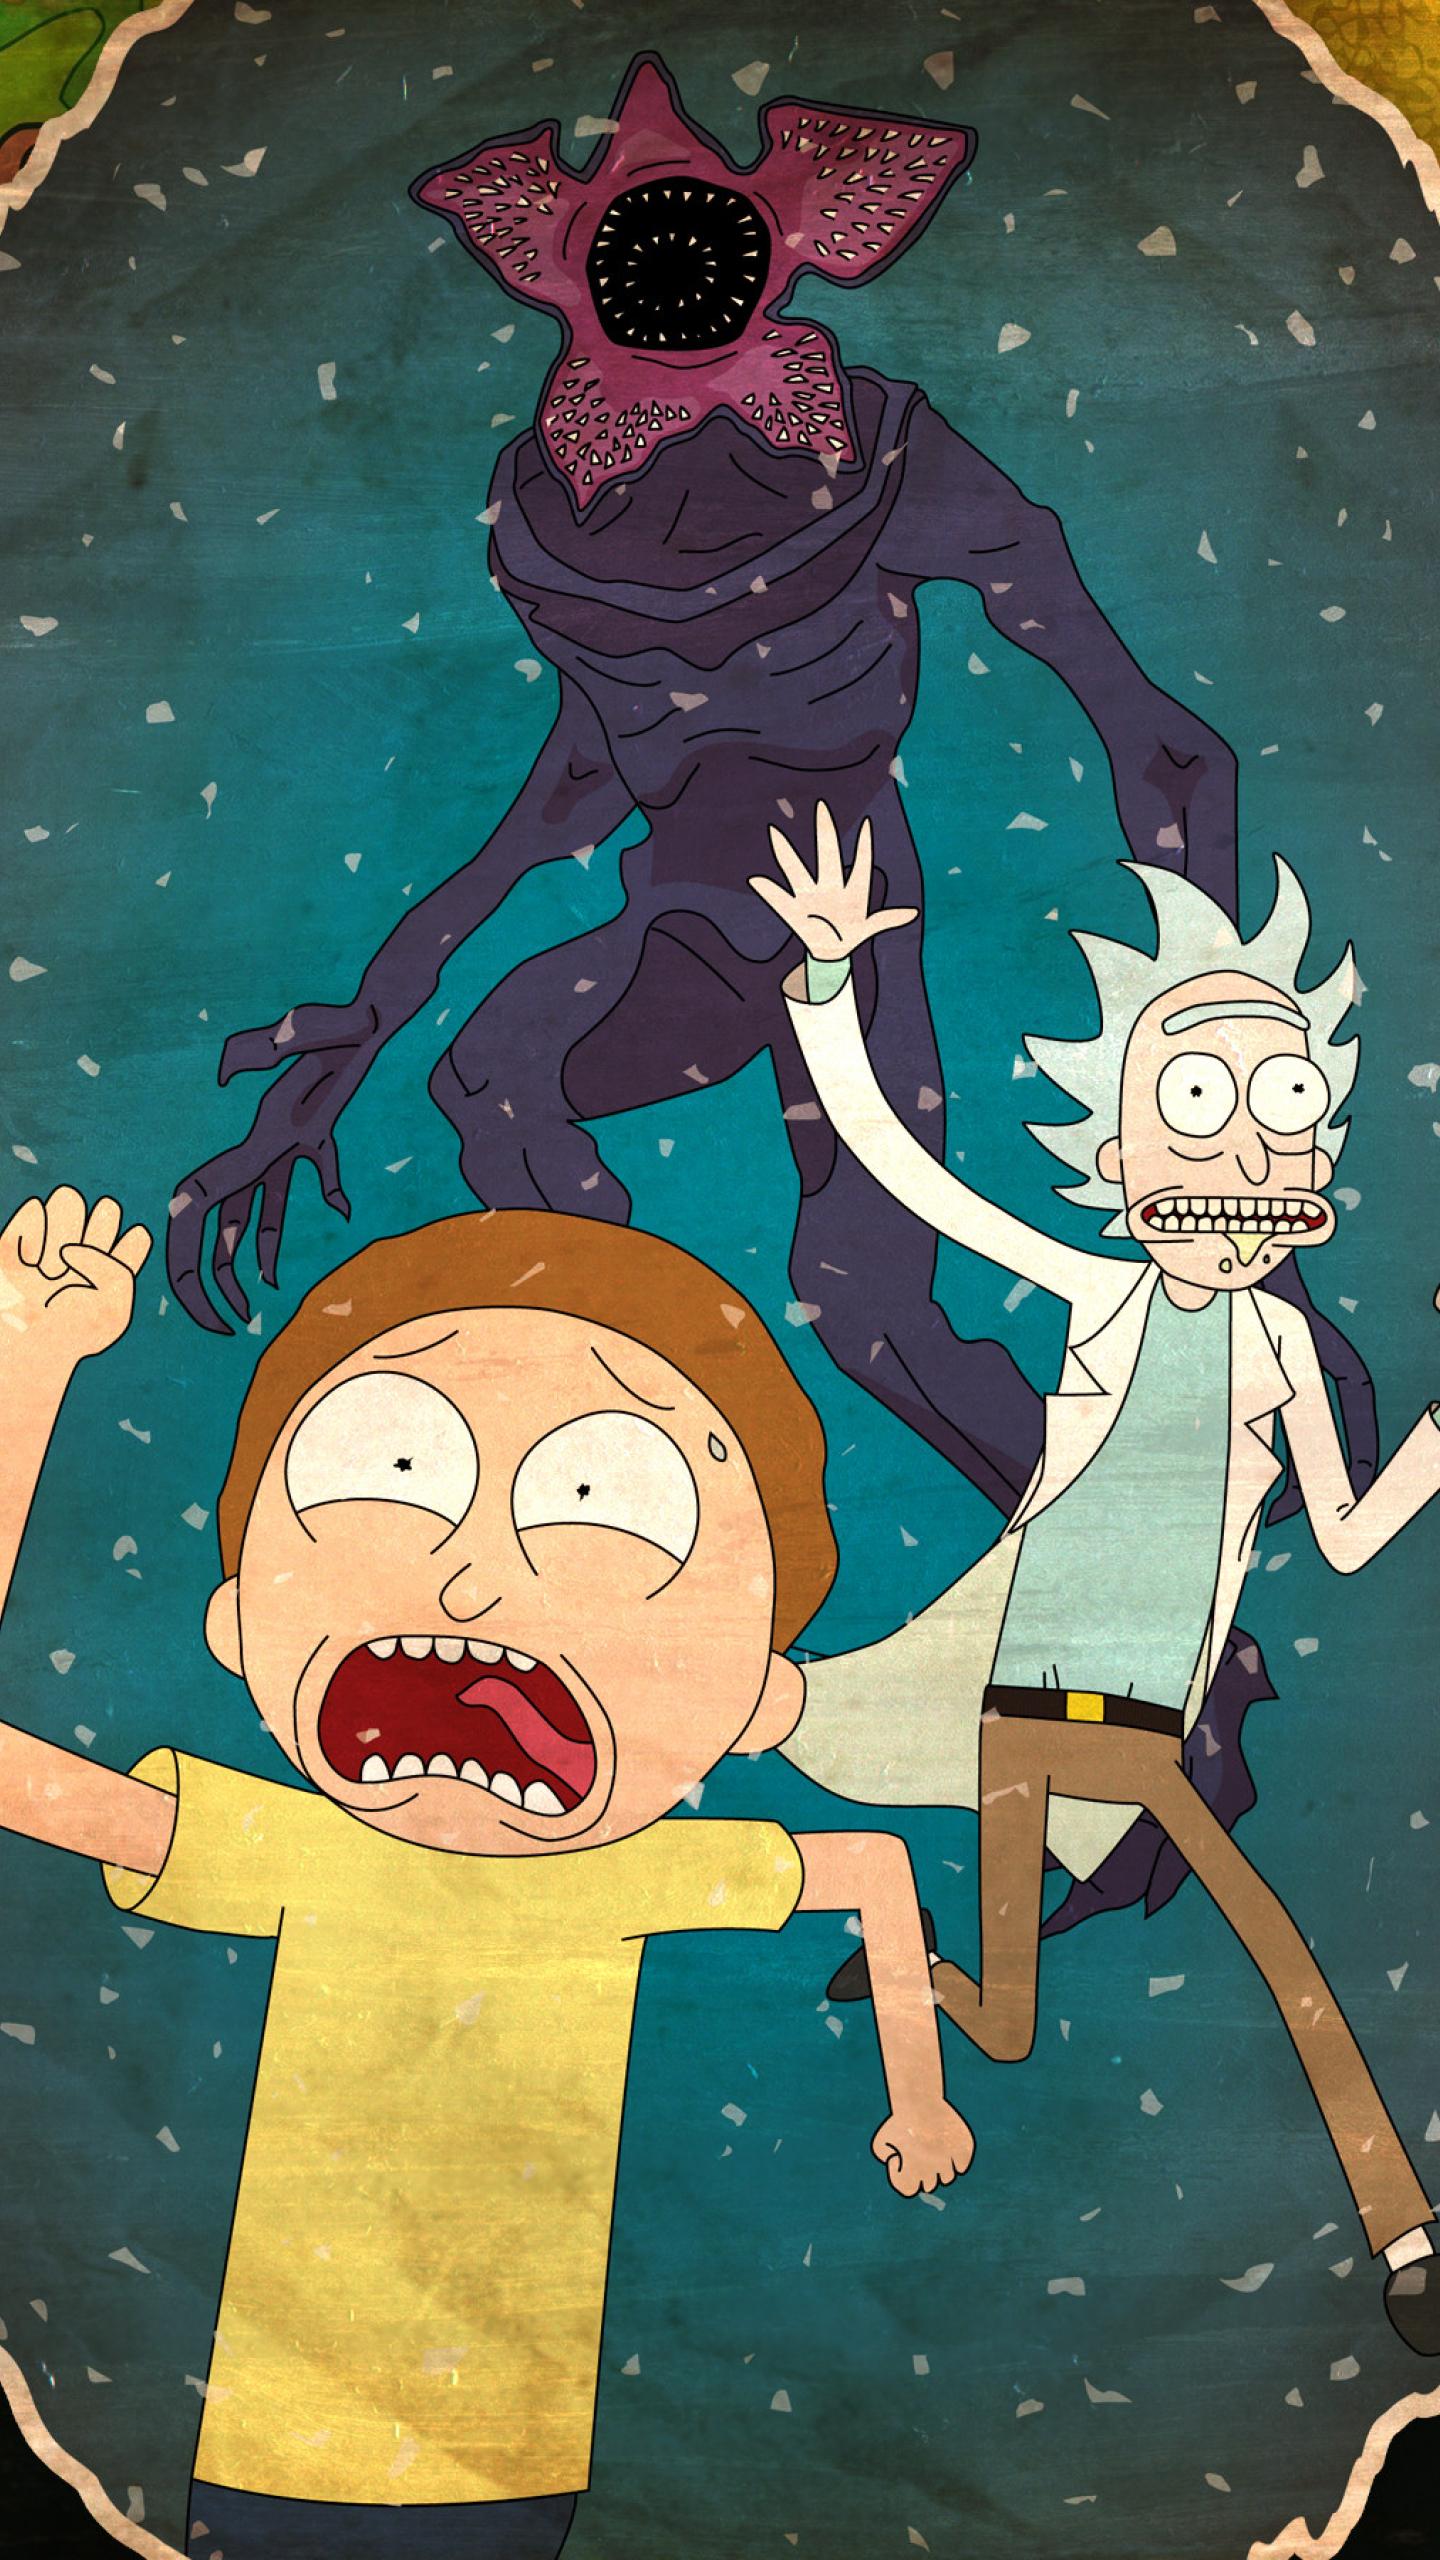 Rick And 1080p: Rick And Morty 2017, HD 4K Wallpaper